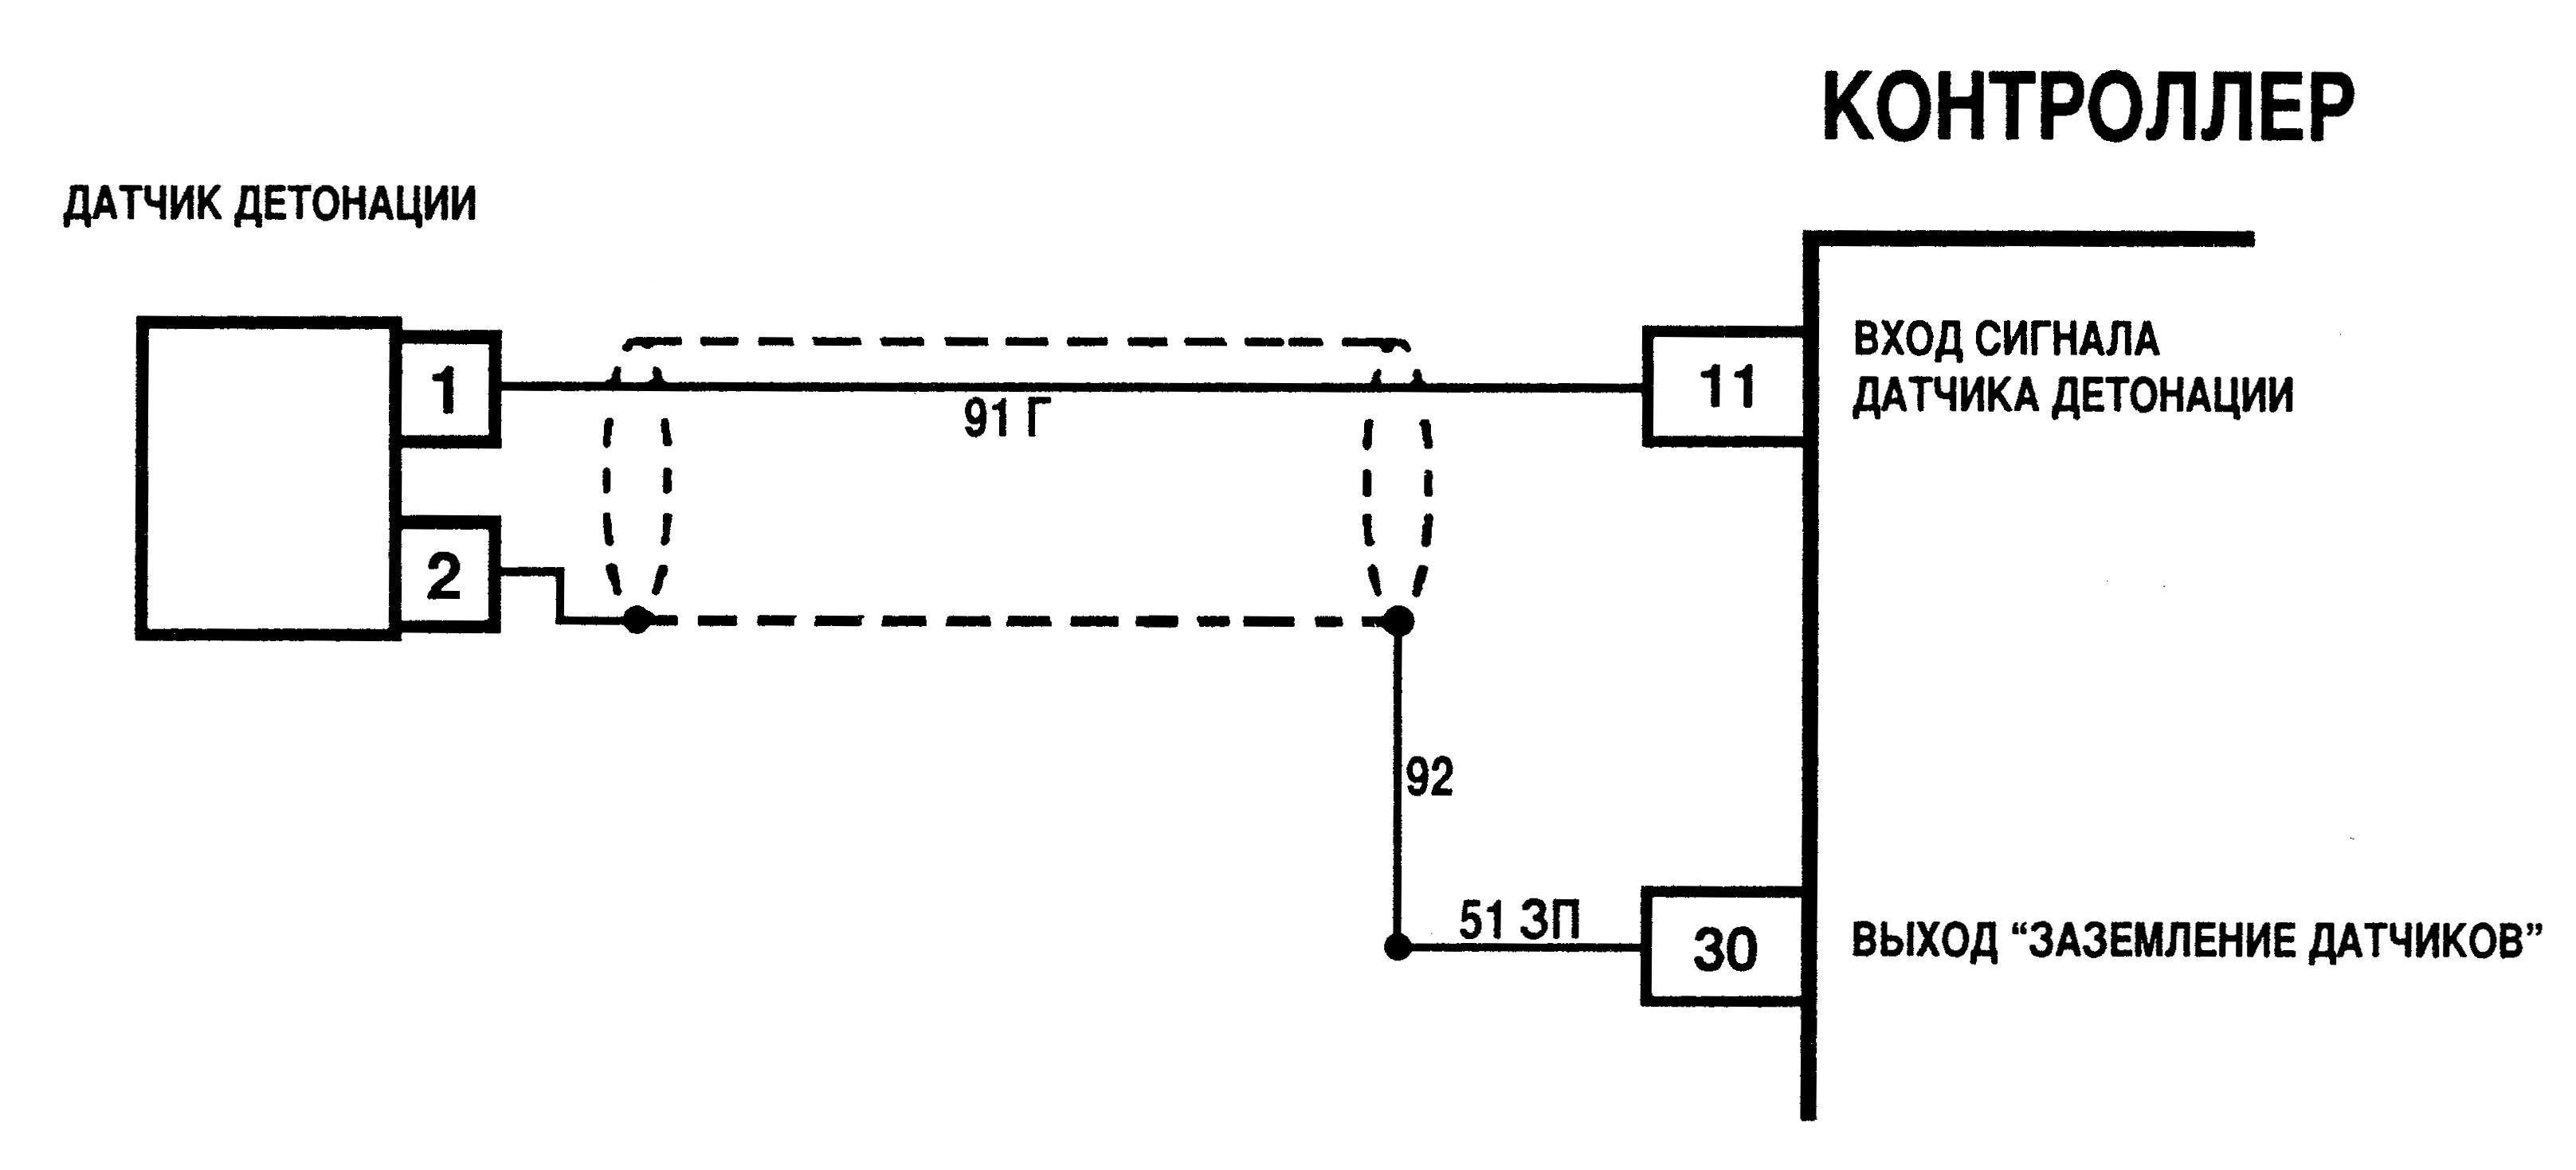 Фото №22 - схема проводки датчика детонации ВАЗ 2110